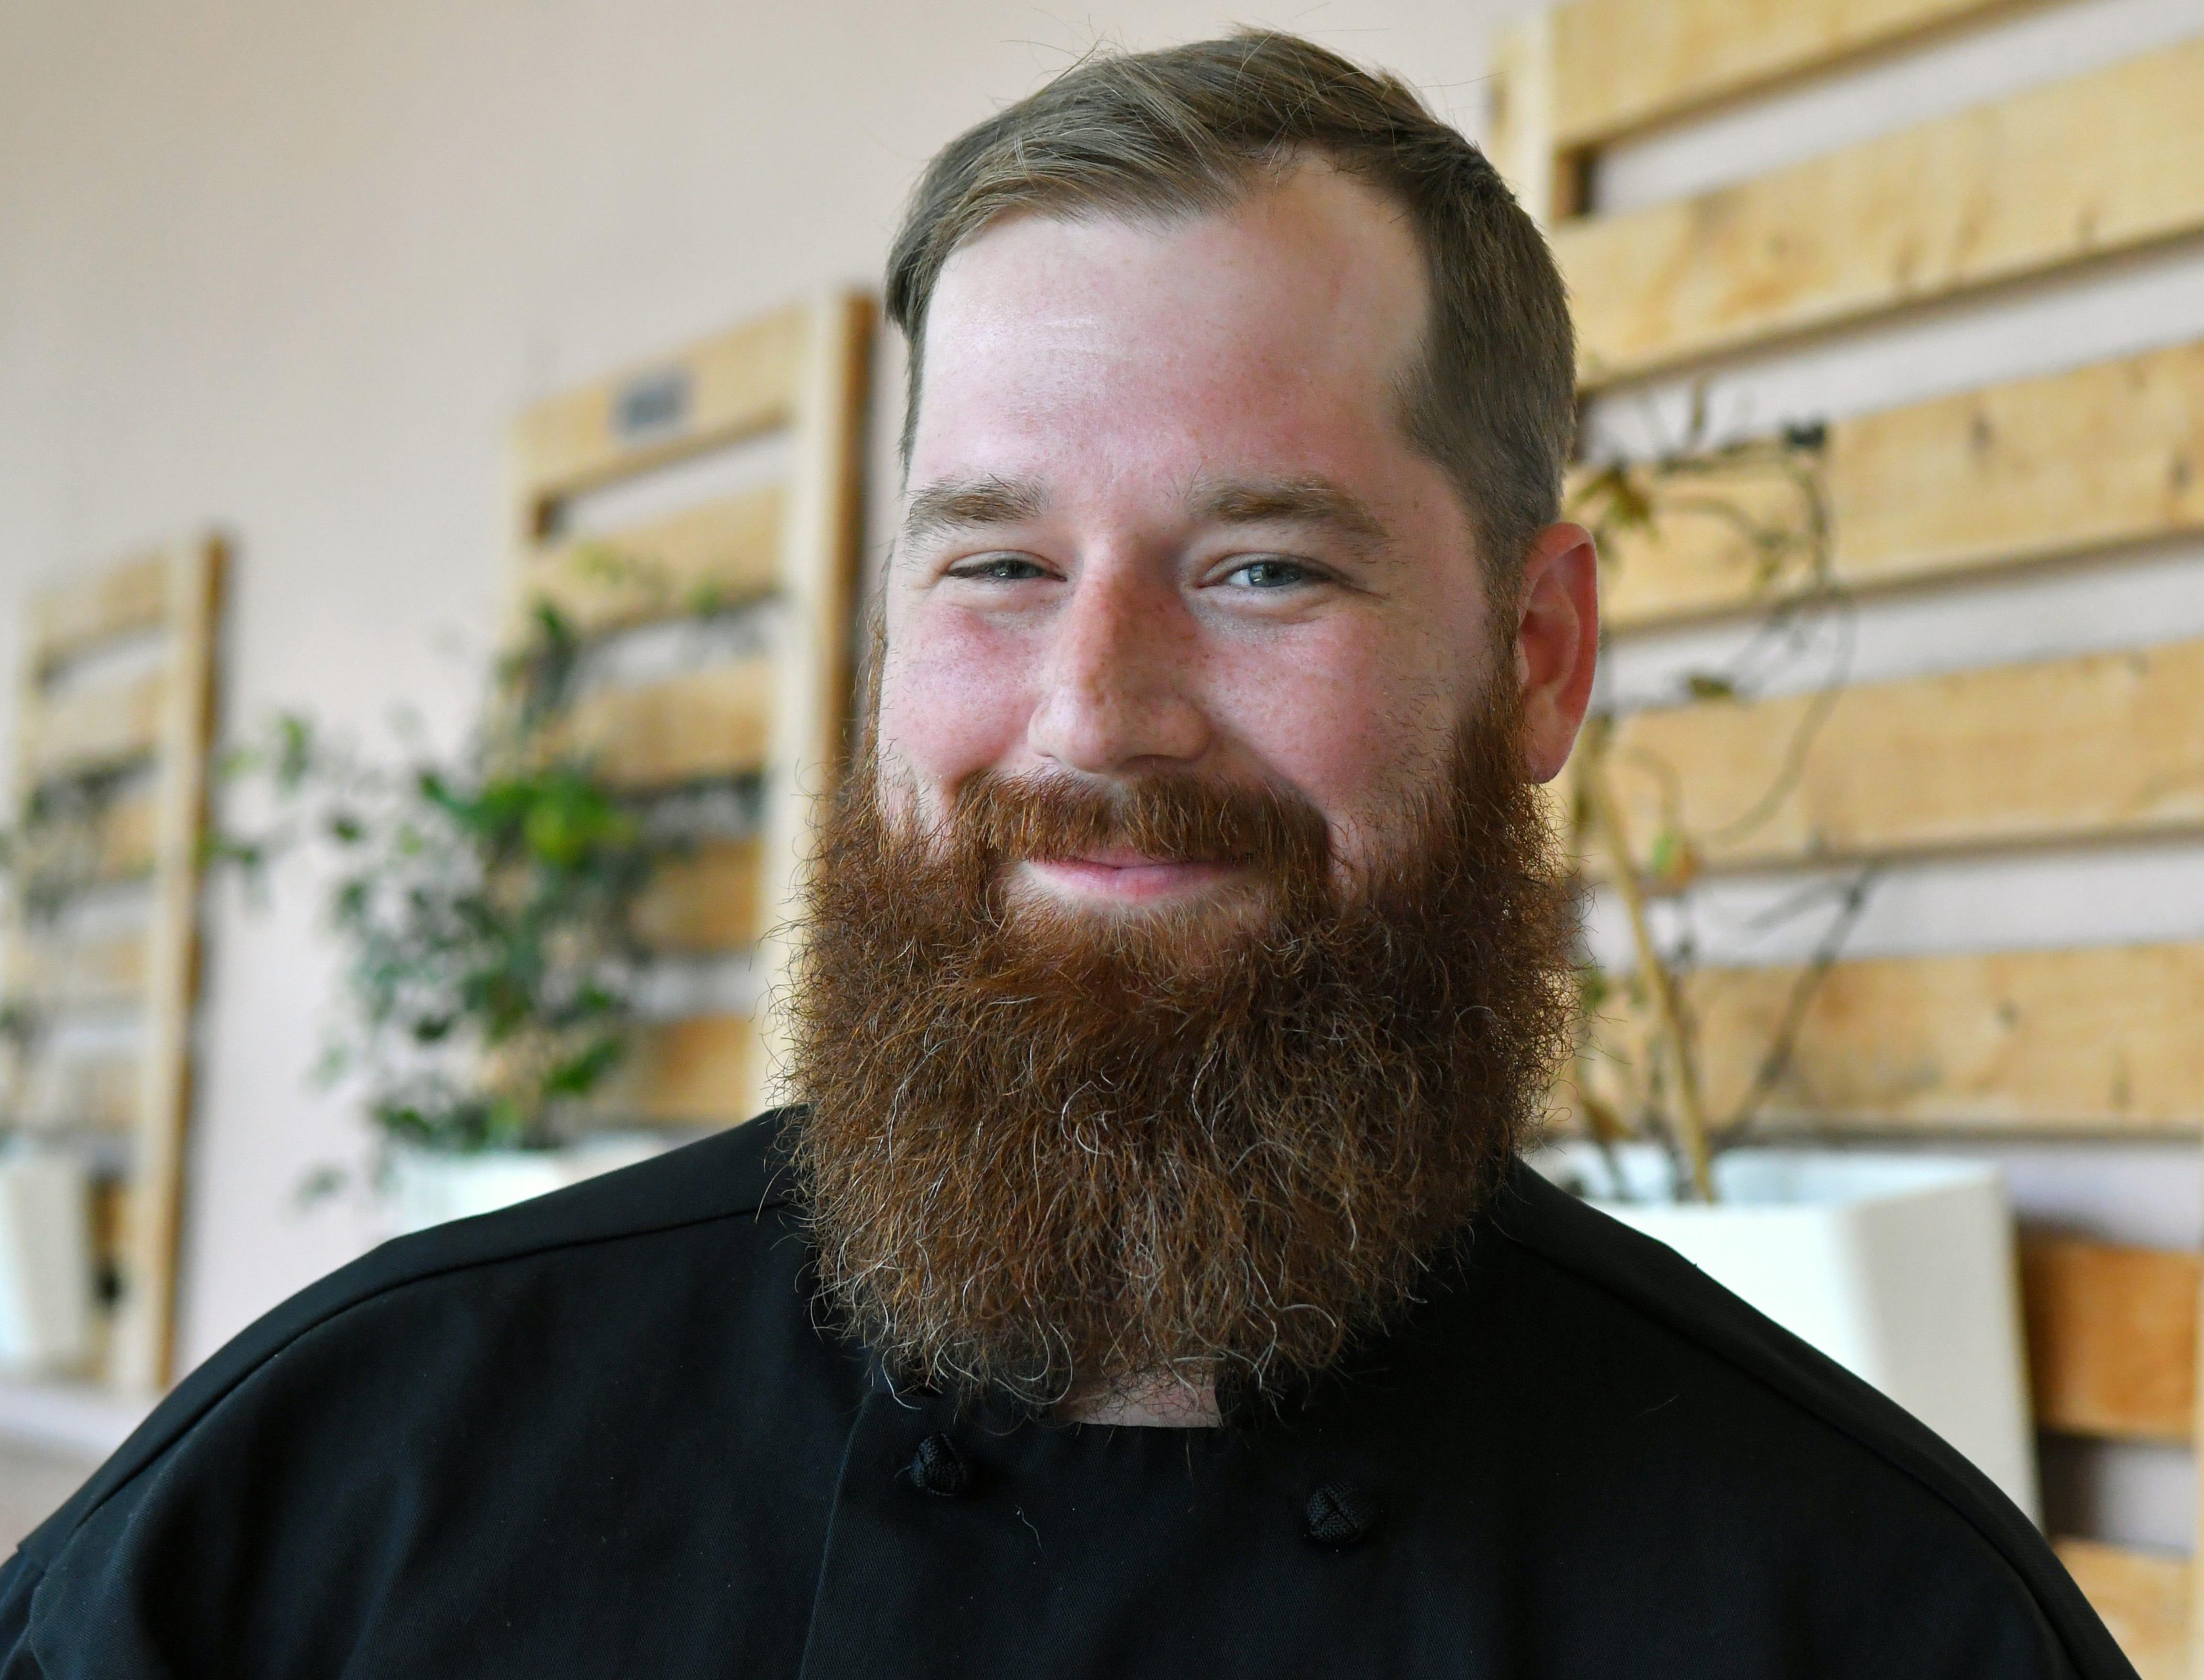 Brevard's Bearded Chef wins spot in James Beard Blended Burger ...